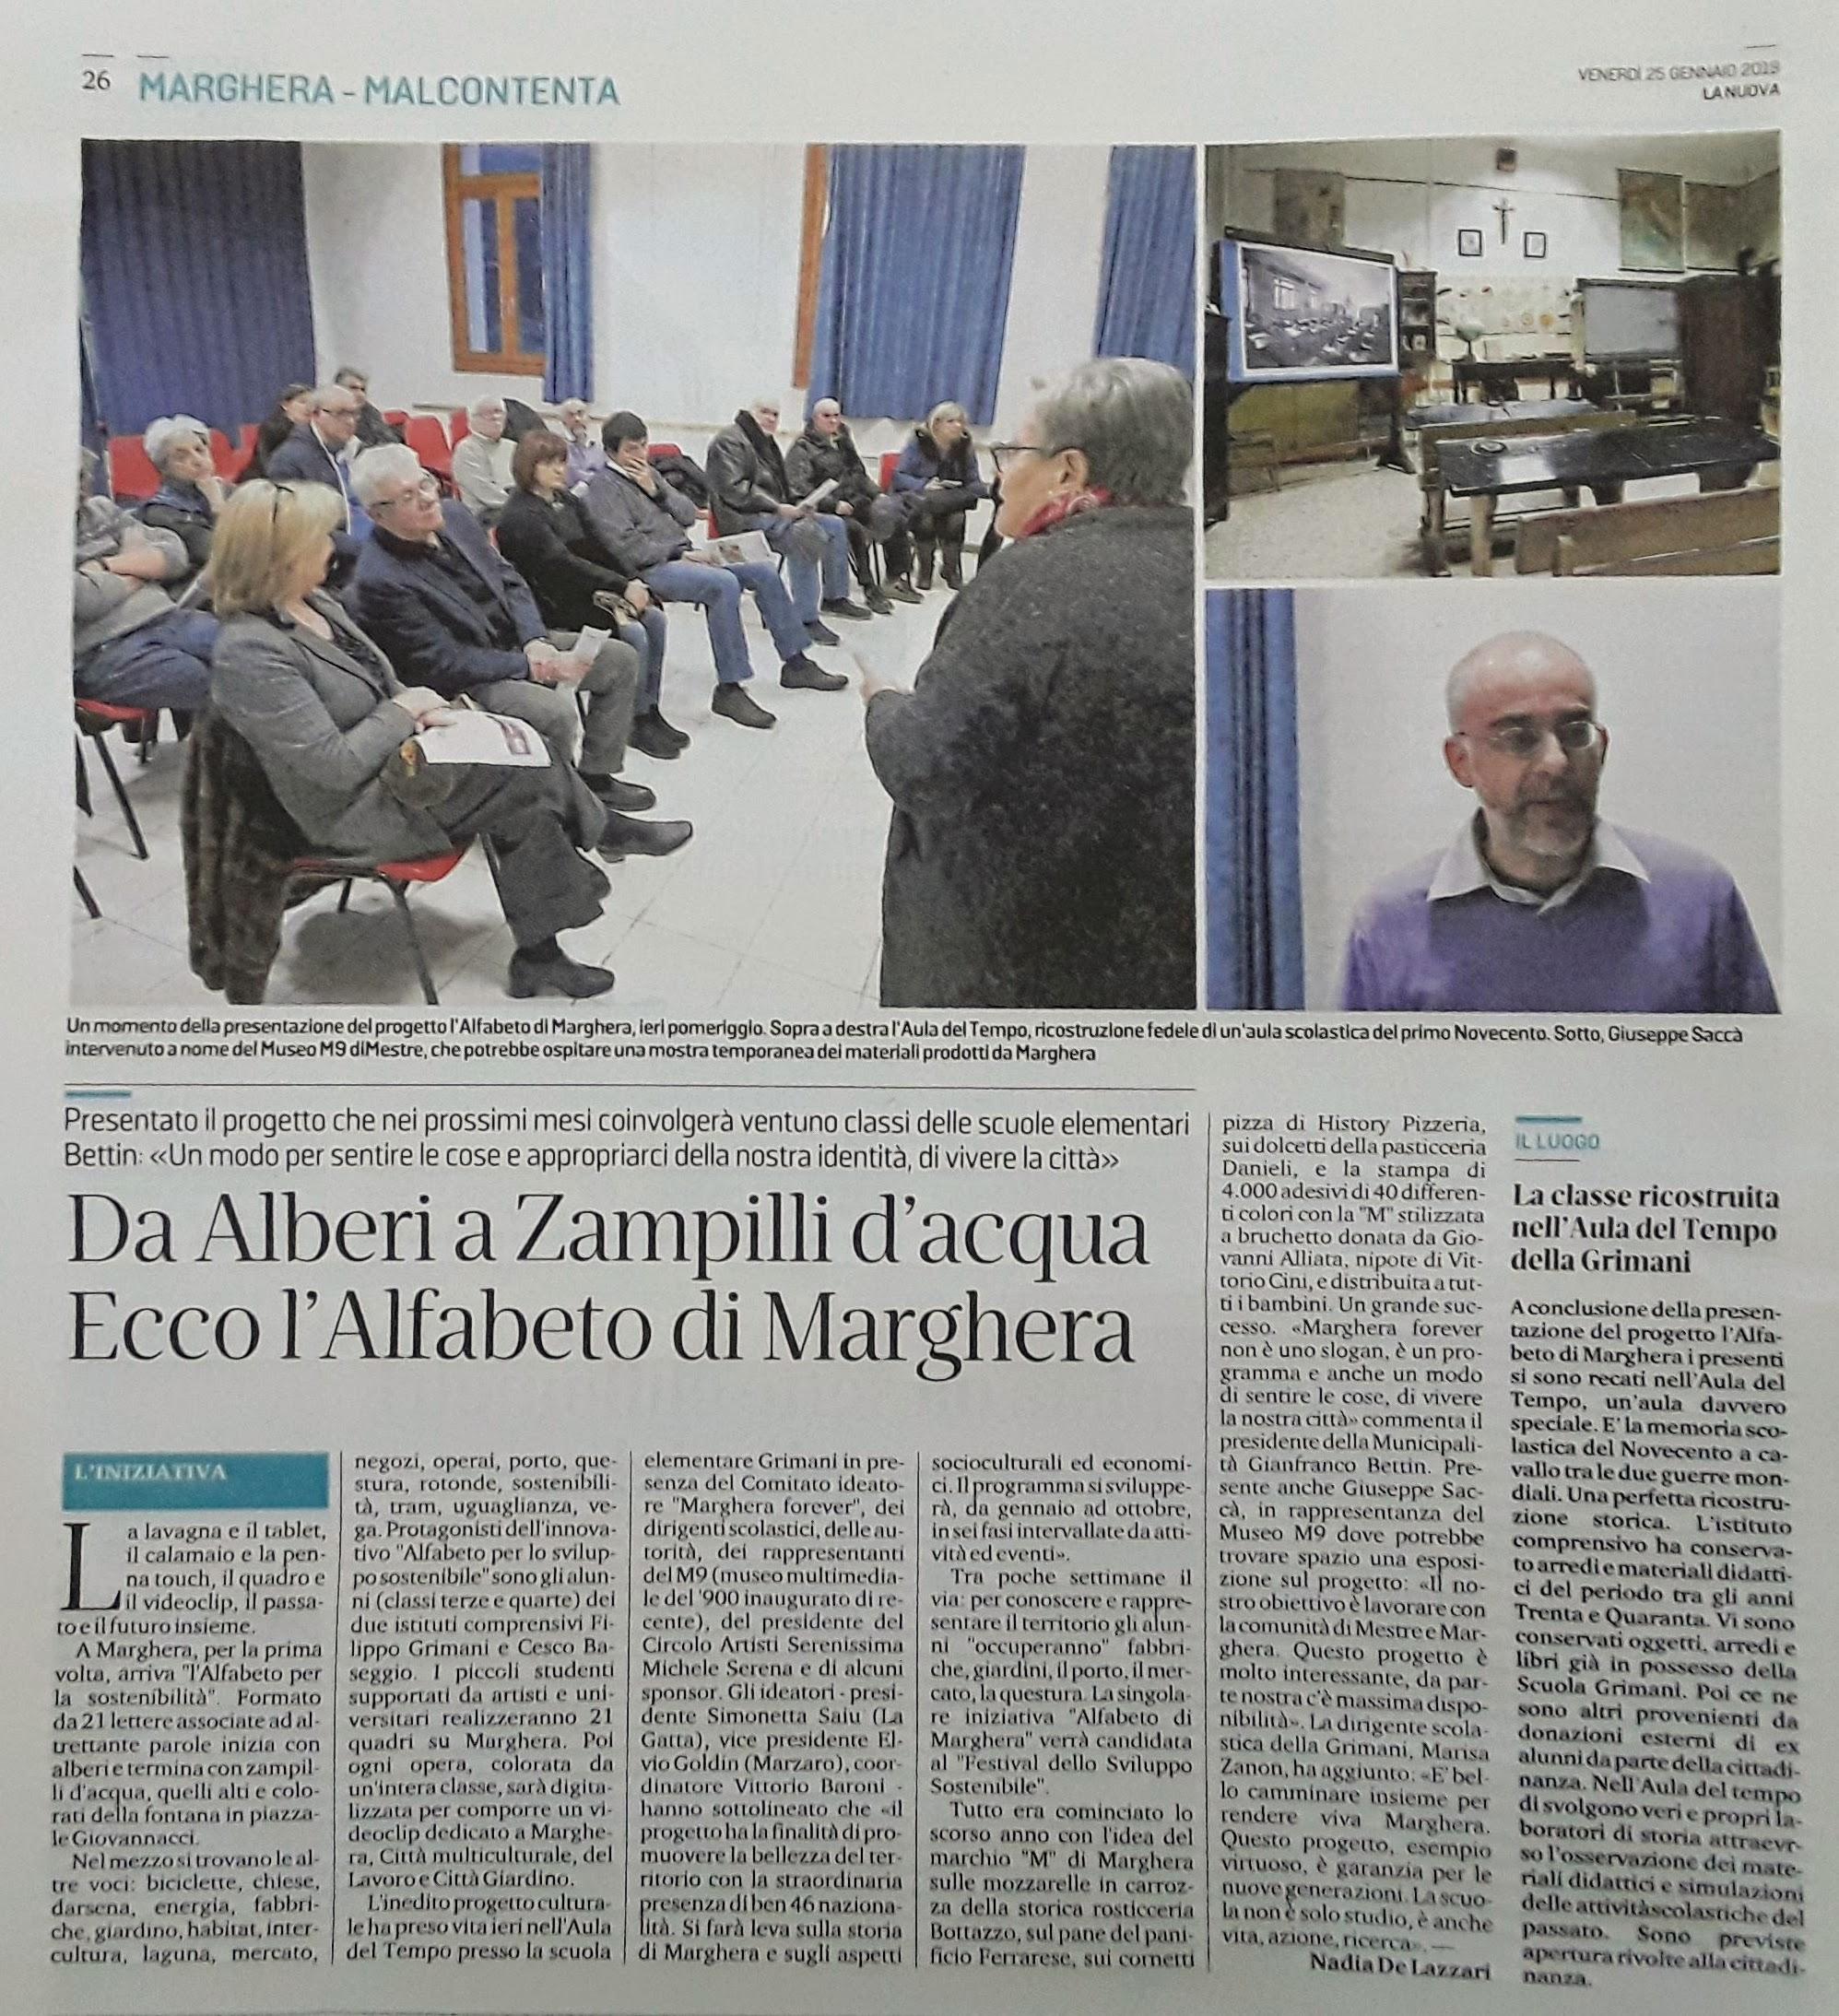 la nuova venezia - alfabeto di marghera 25 gennaio 2019